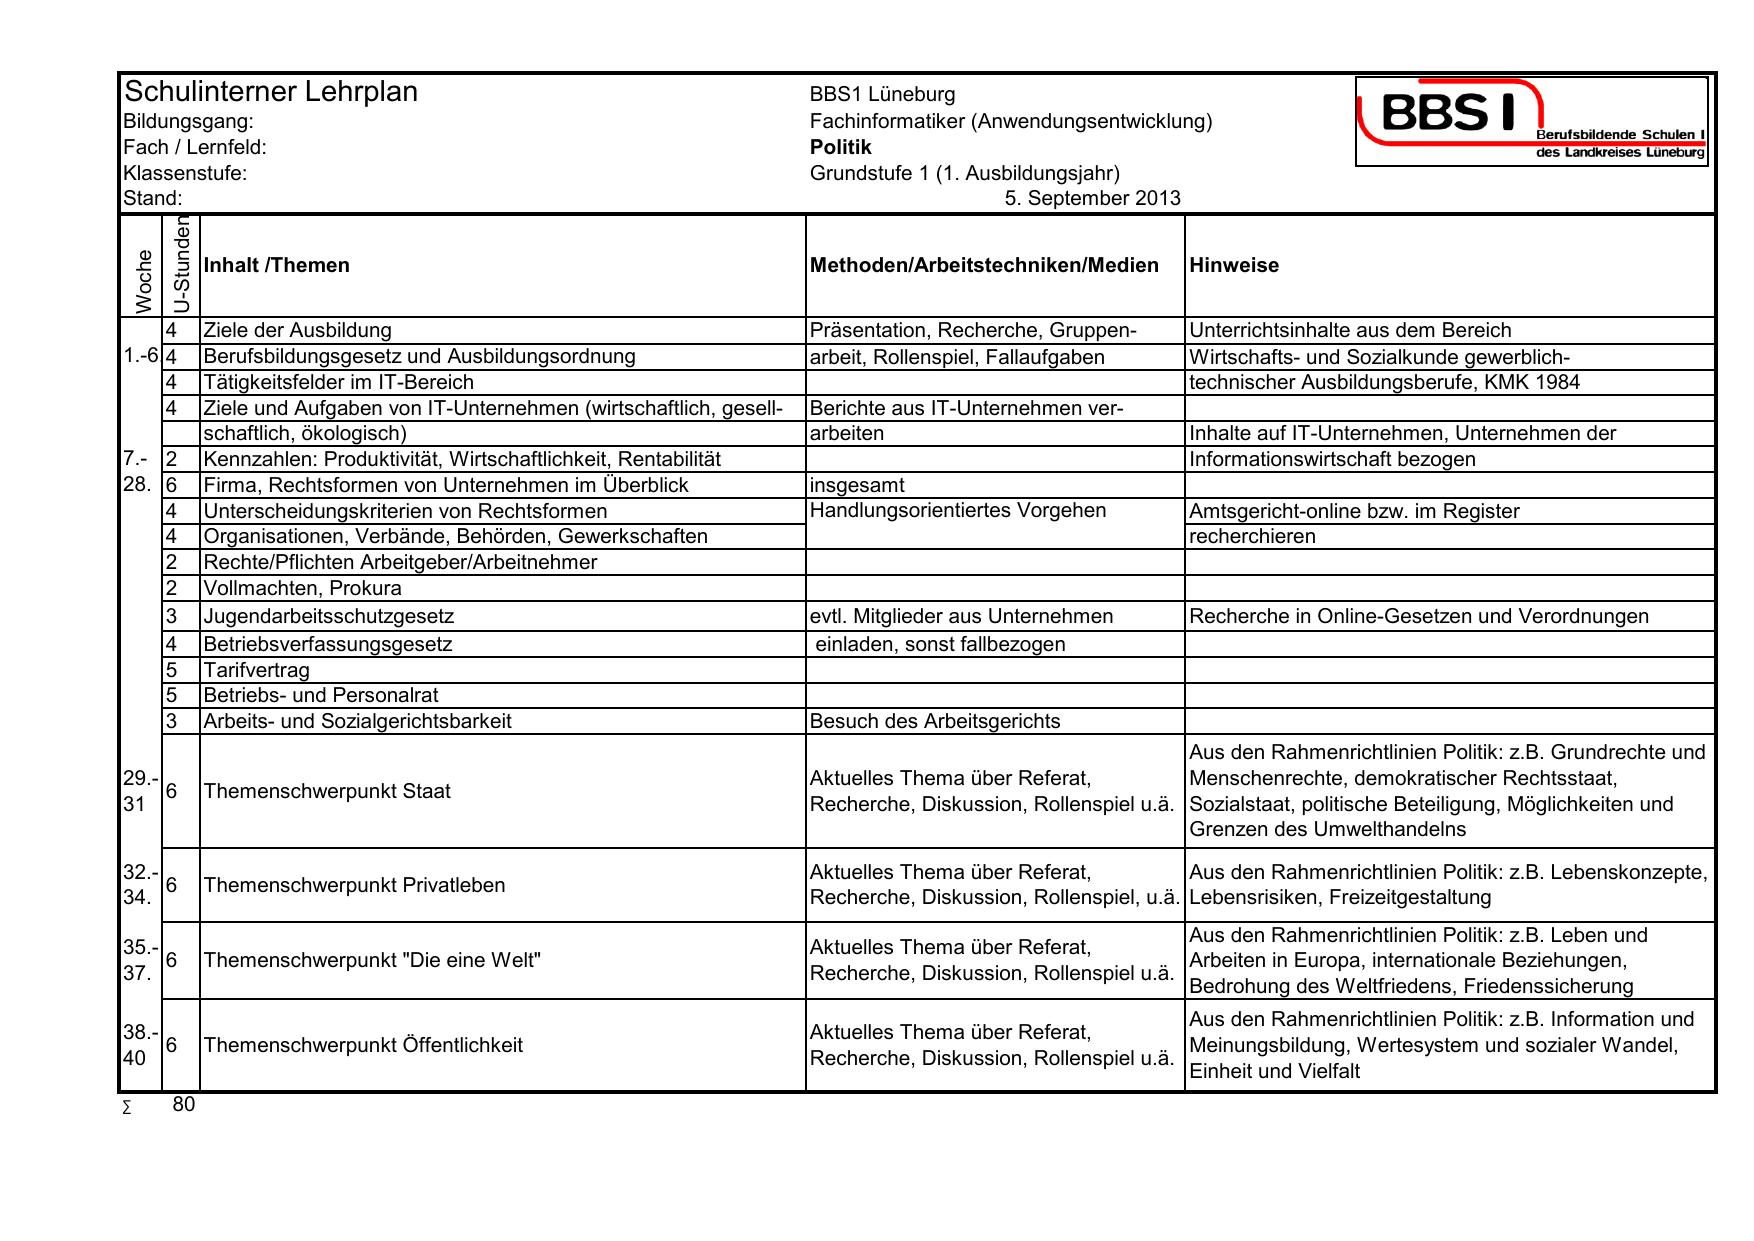 SchulinternerLehrplan_Fachinformatiker - BBS I | manualzz.com